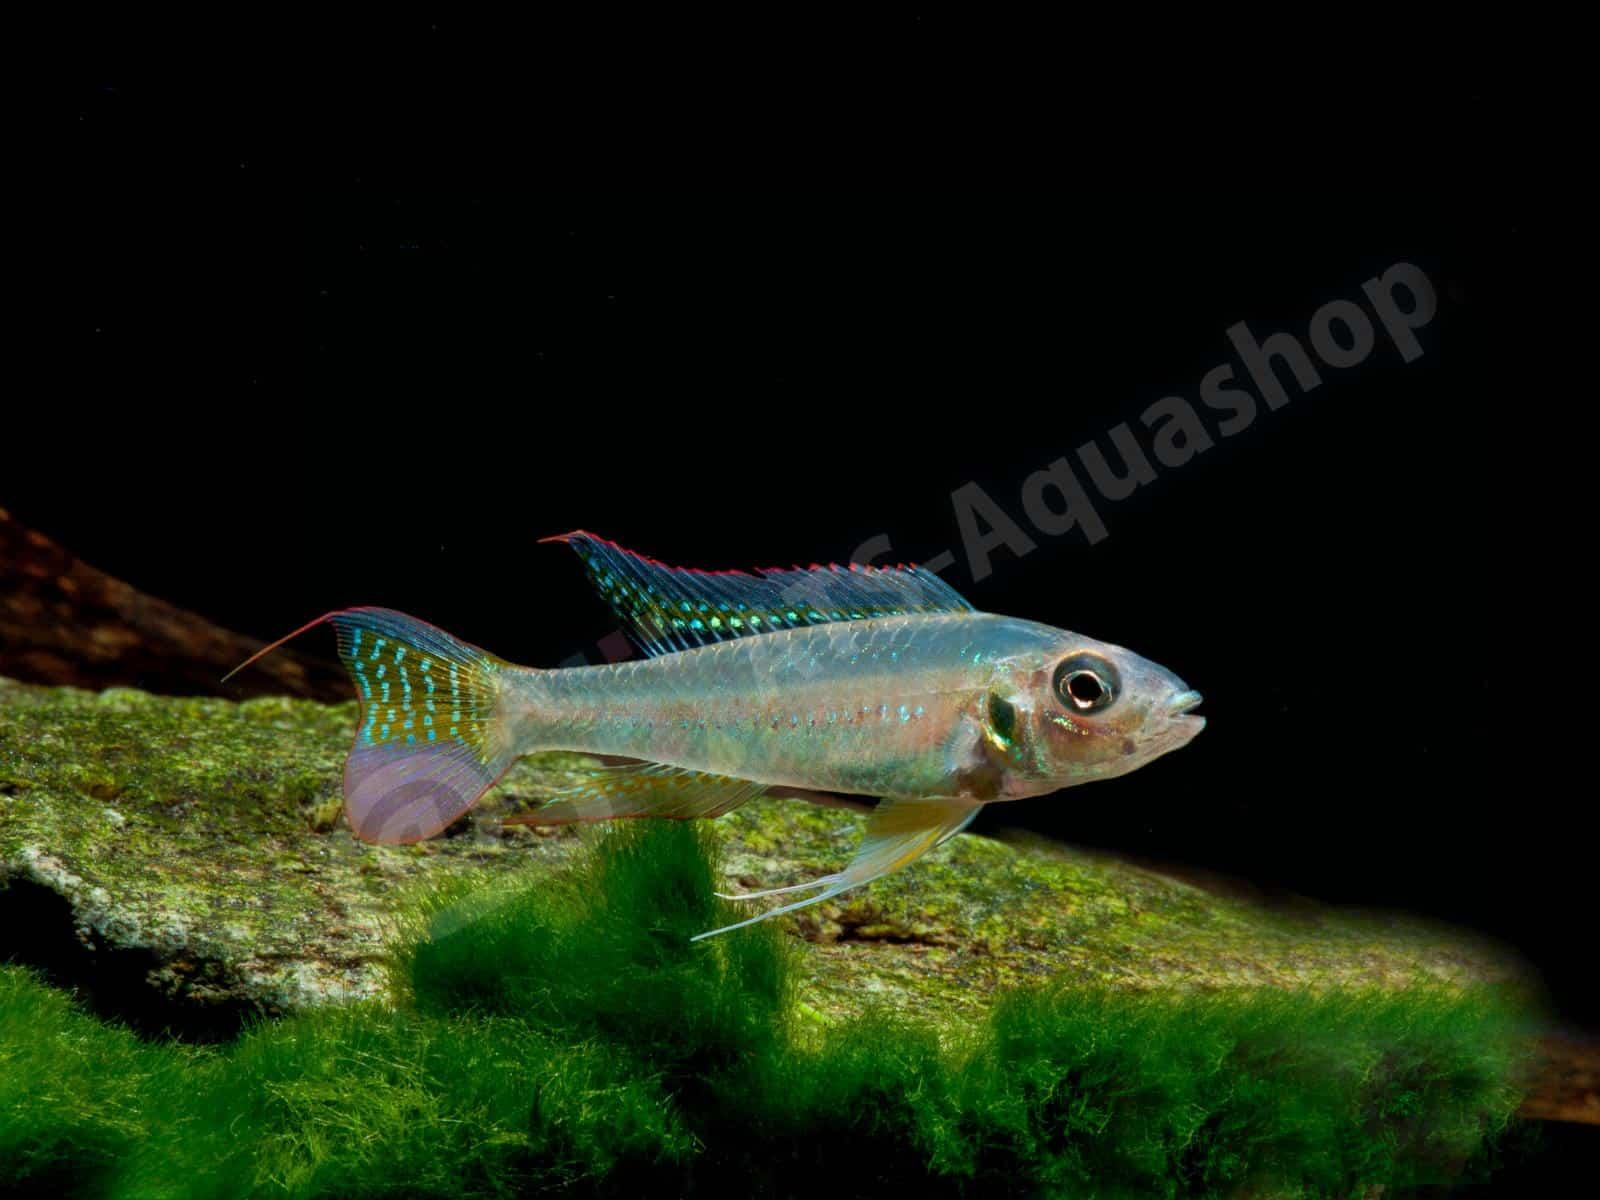 biotoecus opercularis enrico richter 0208 6